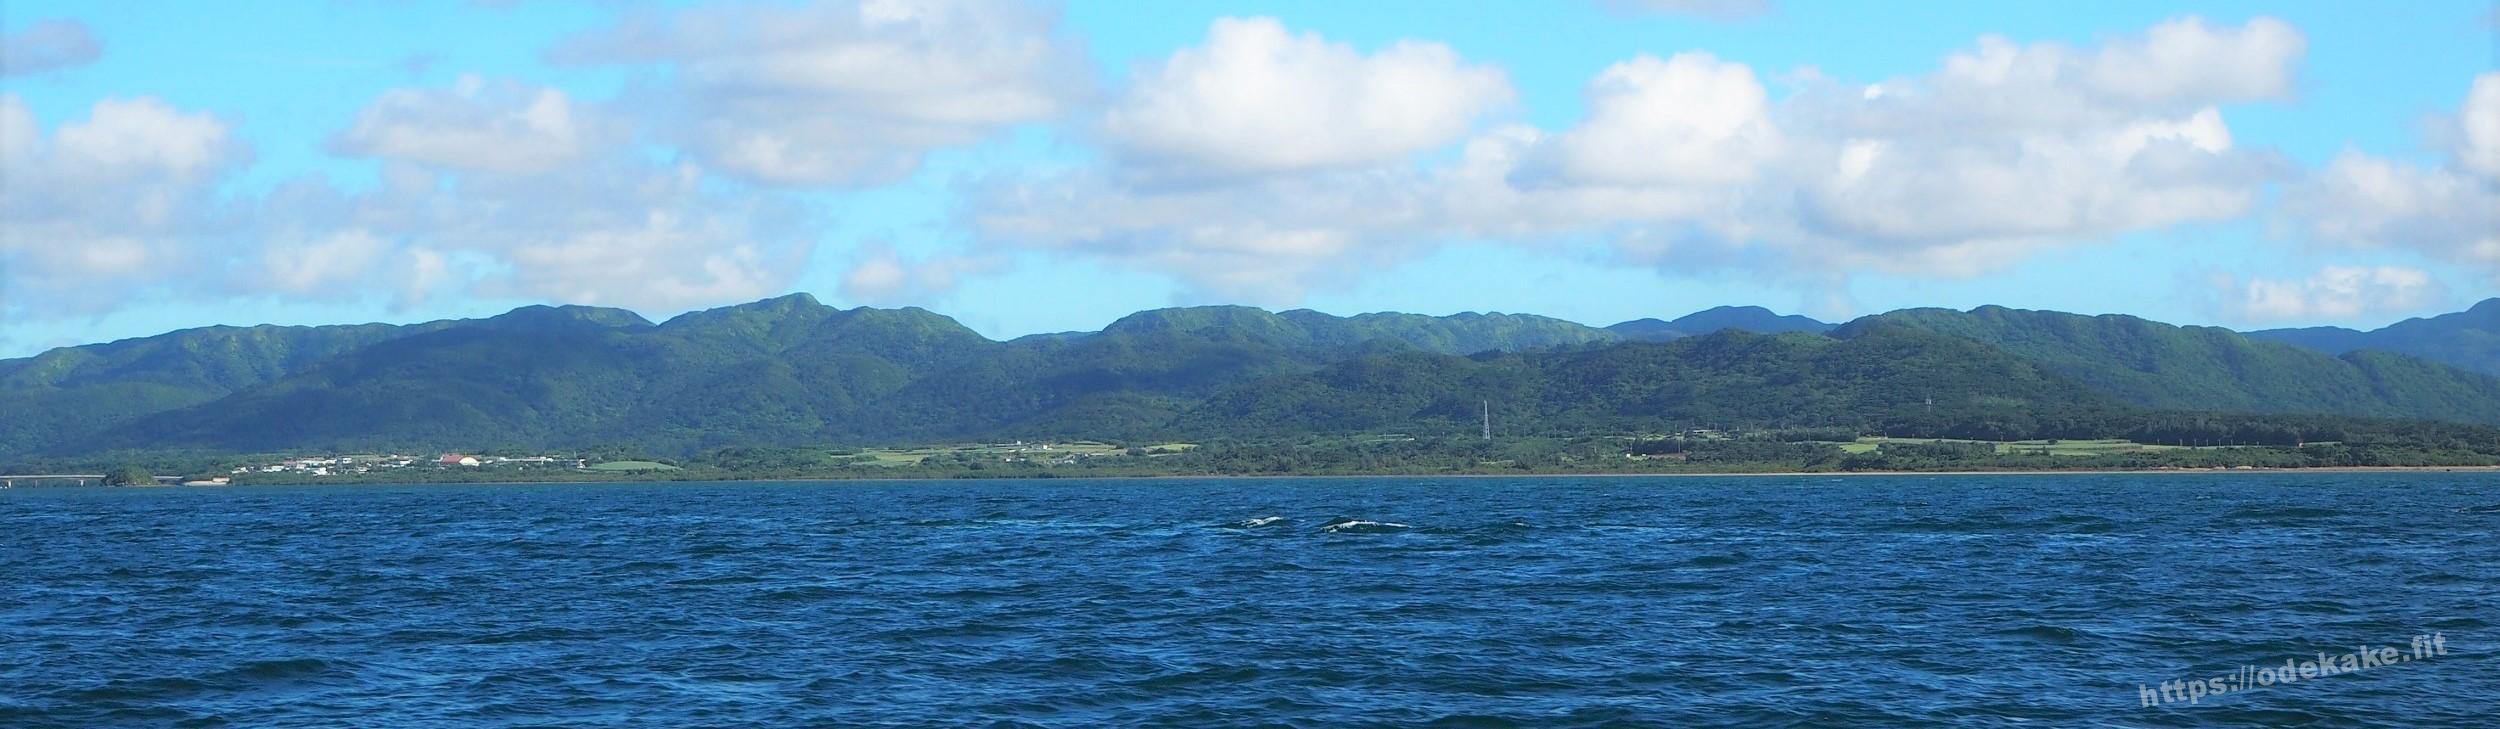 【西表島】3日目は八重山諸島3島めぐりツアー(西表・由布・竹富)まず西表島へ!